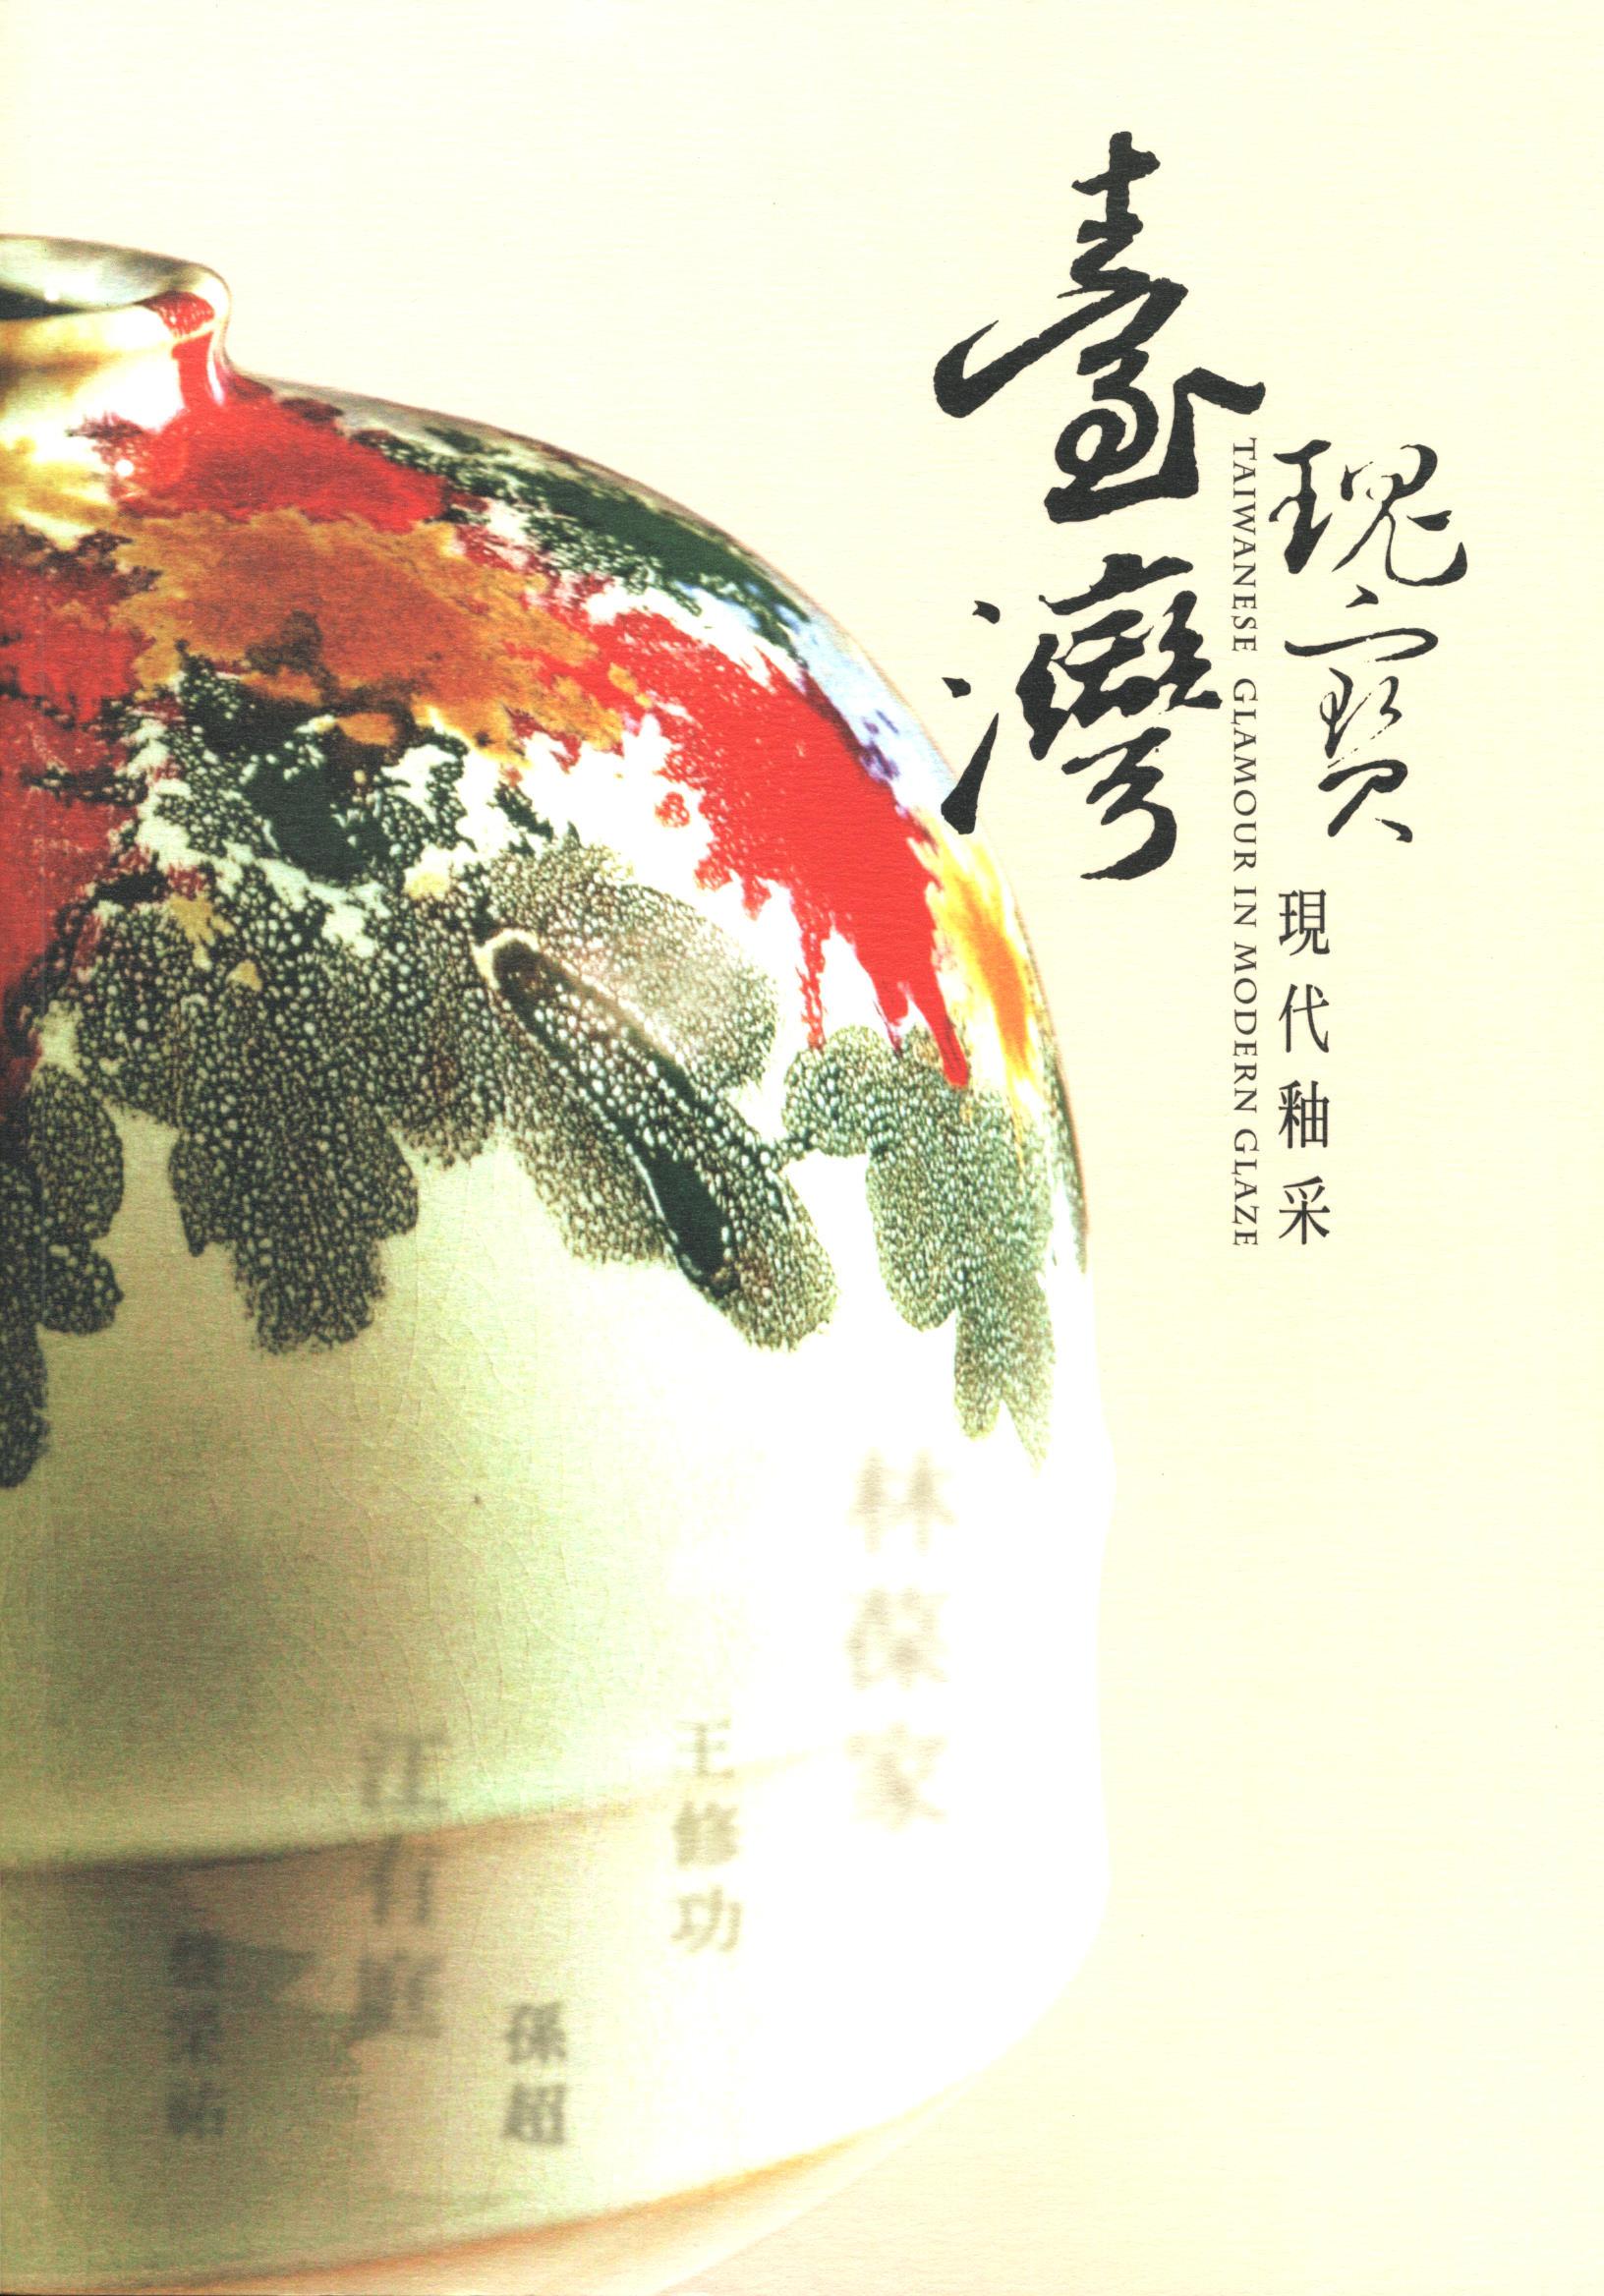 臺灣瑰寶.現代釉采